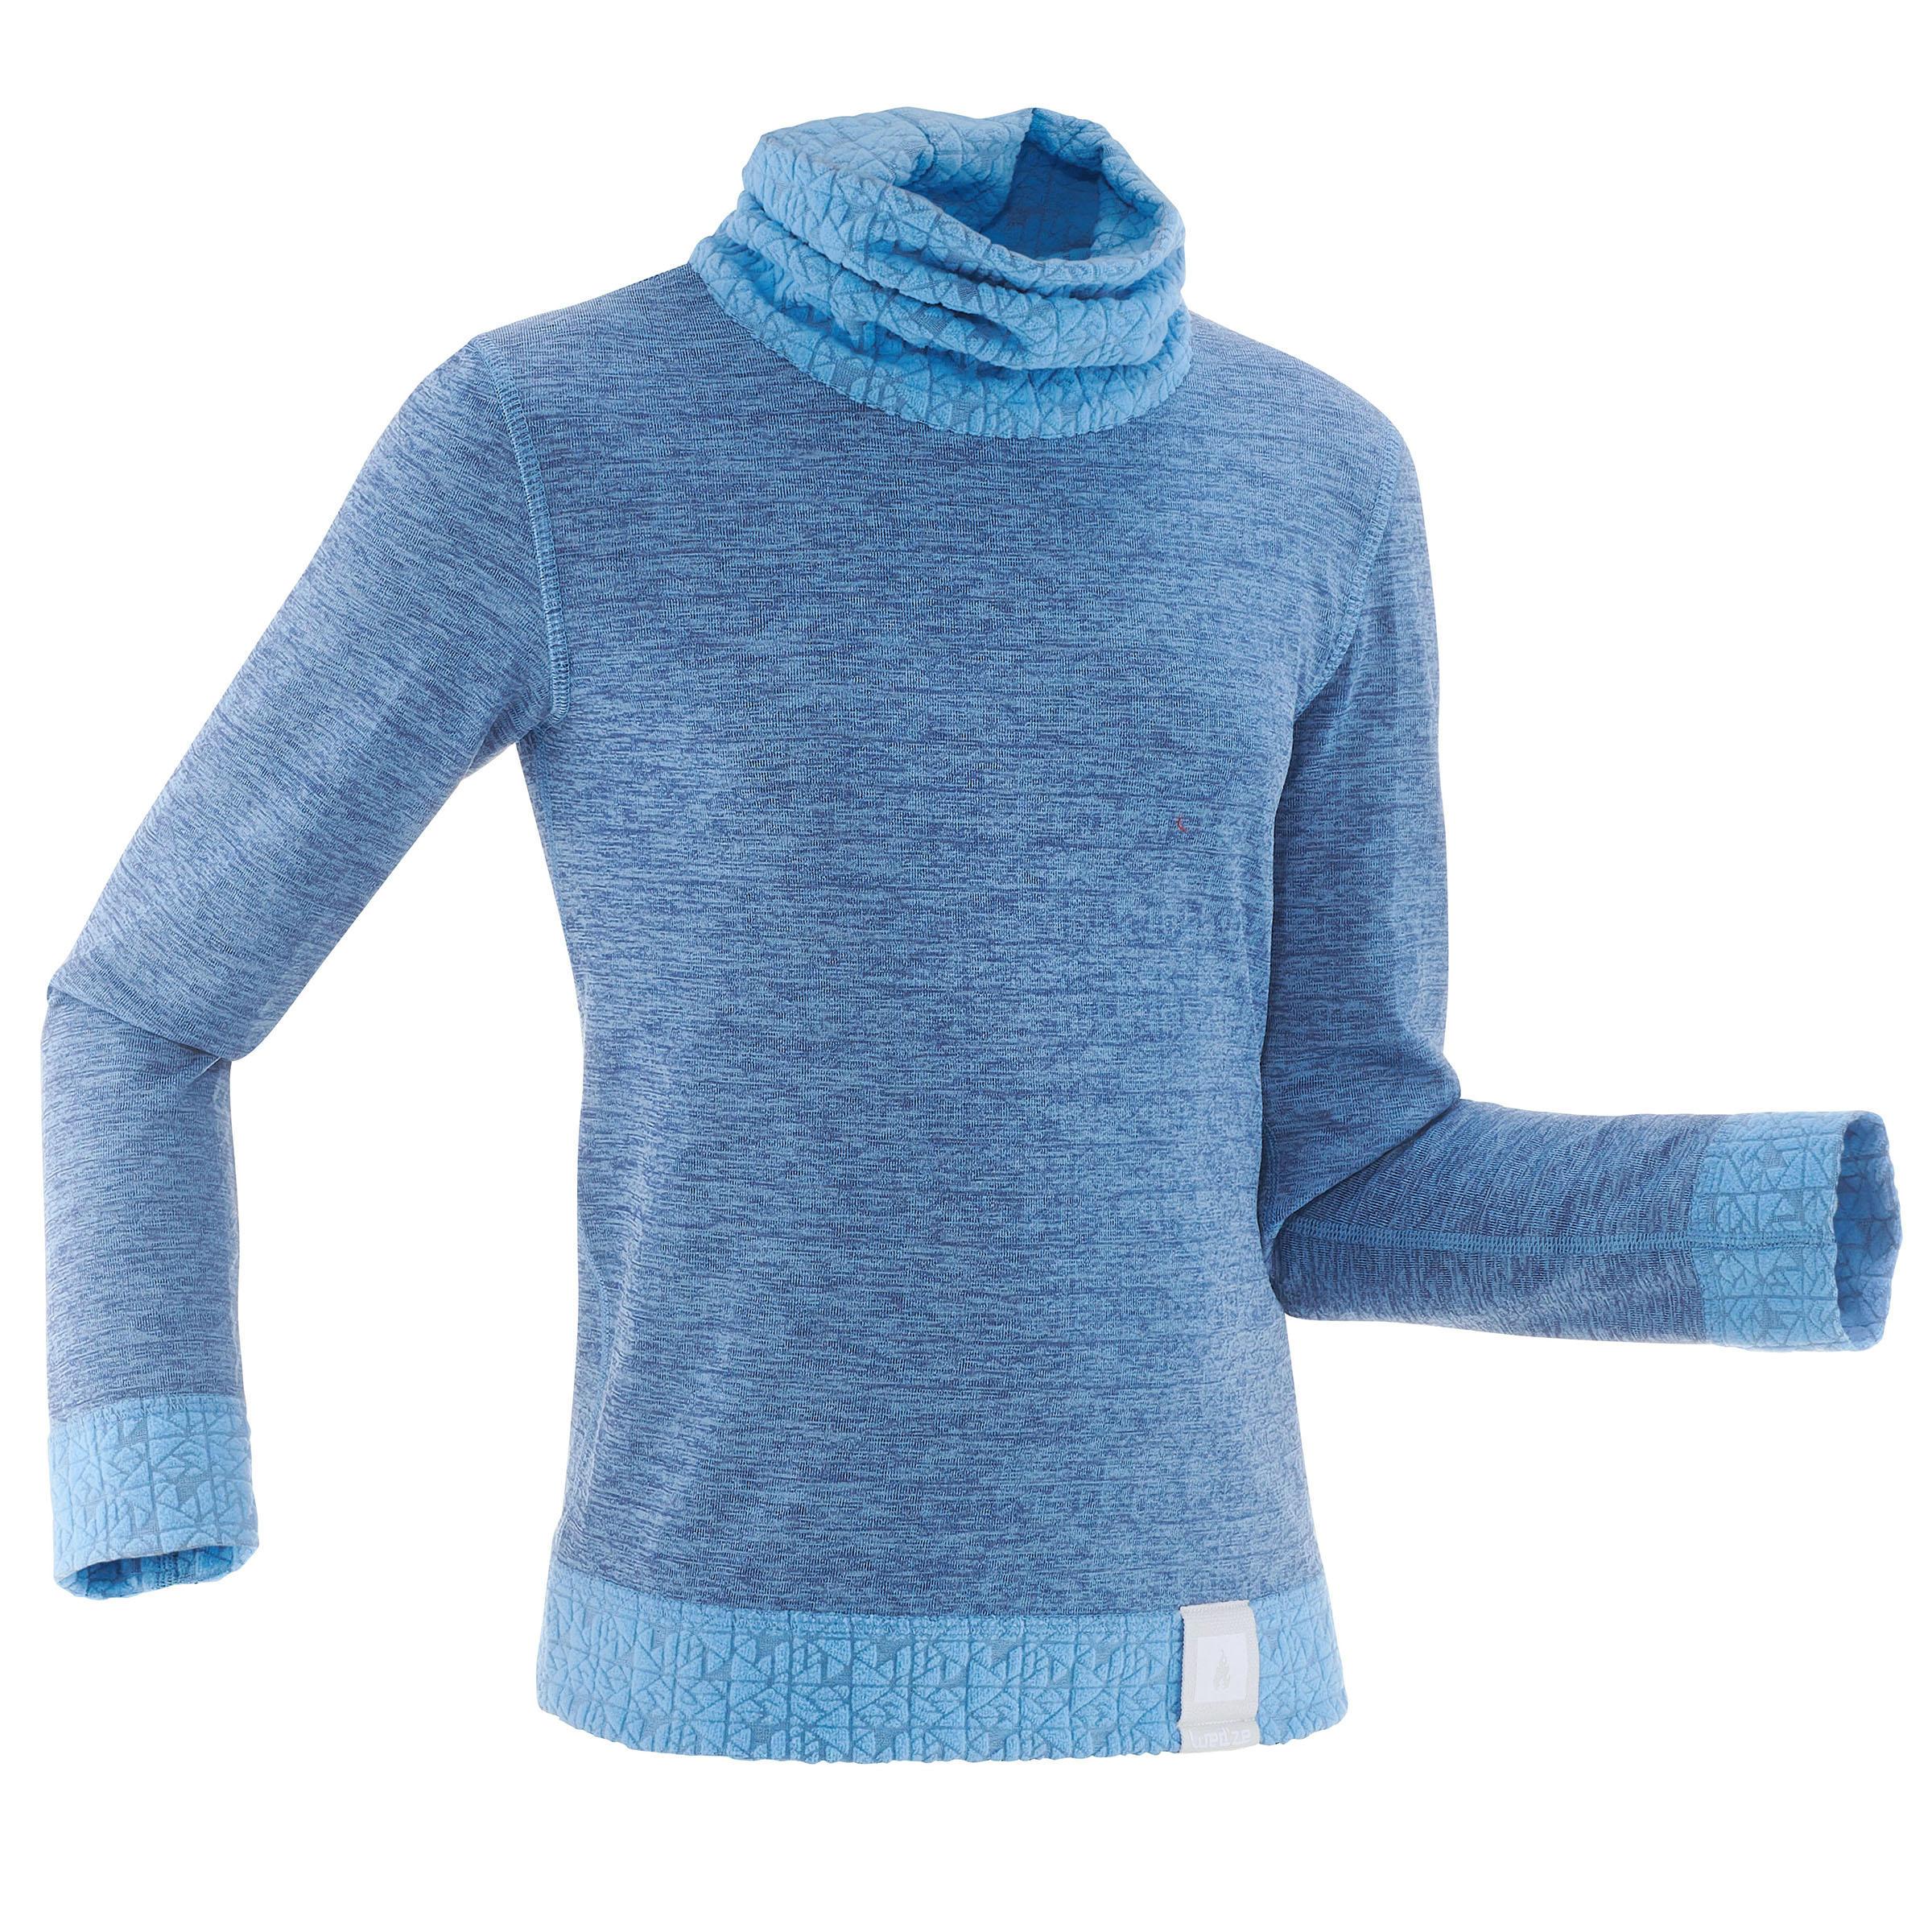 Subtraje-camiseta de esquí niño 2WARM azul